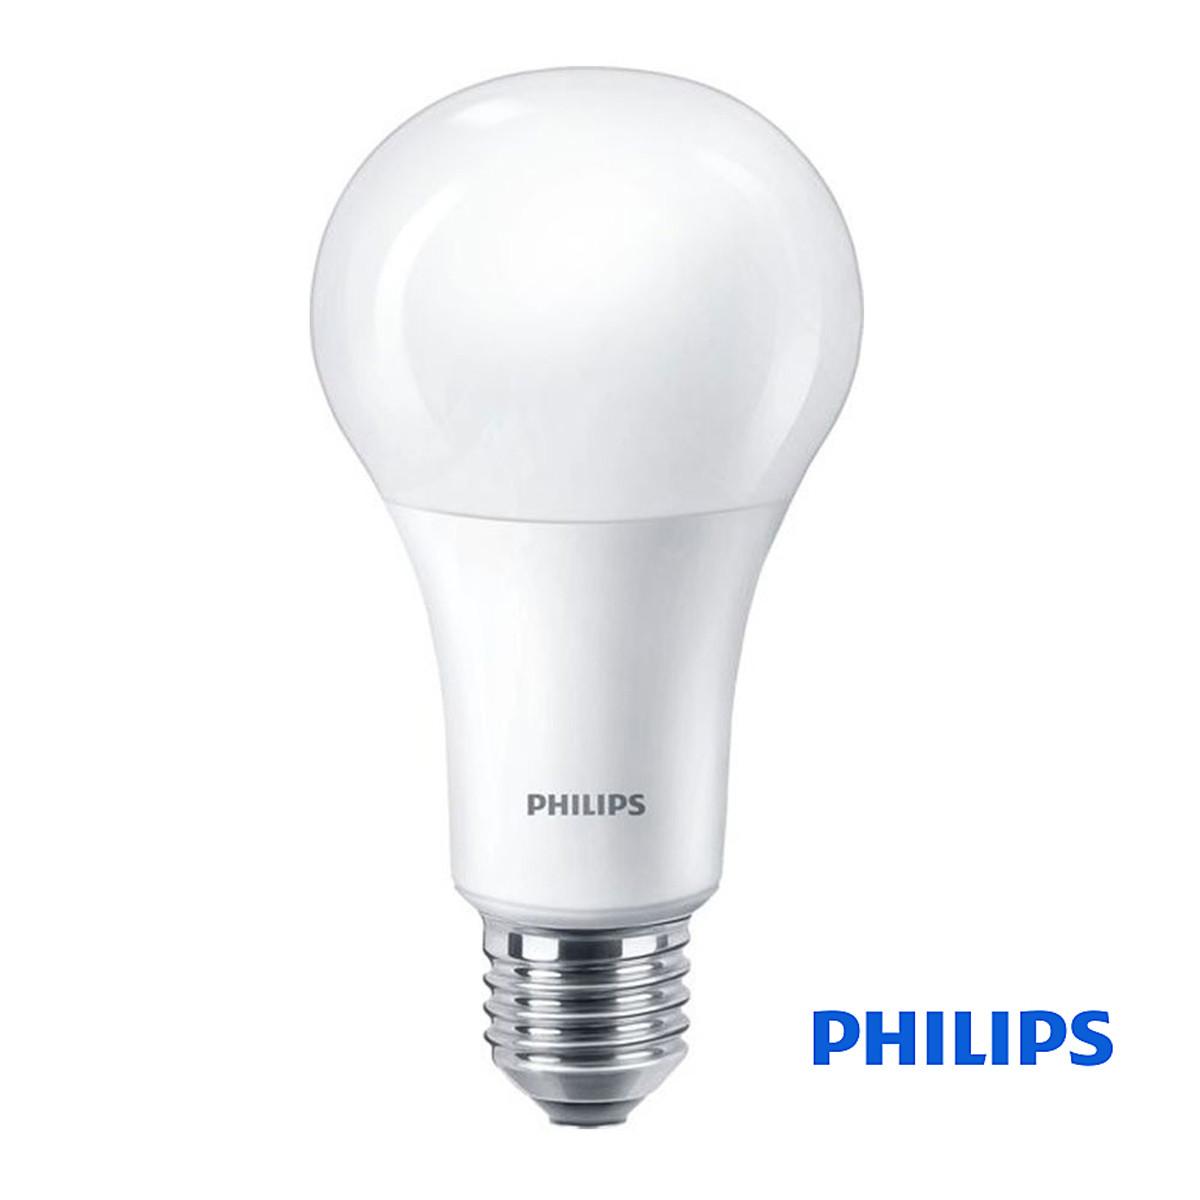 Philips Corepro Lampadina Led E27 13.5W Dimmerabile equivalente 100W